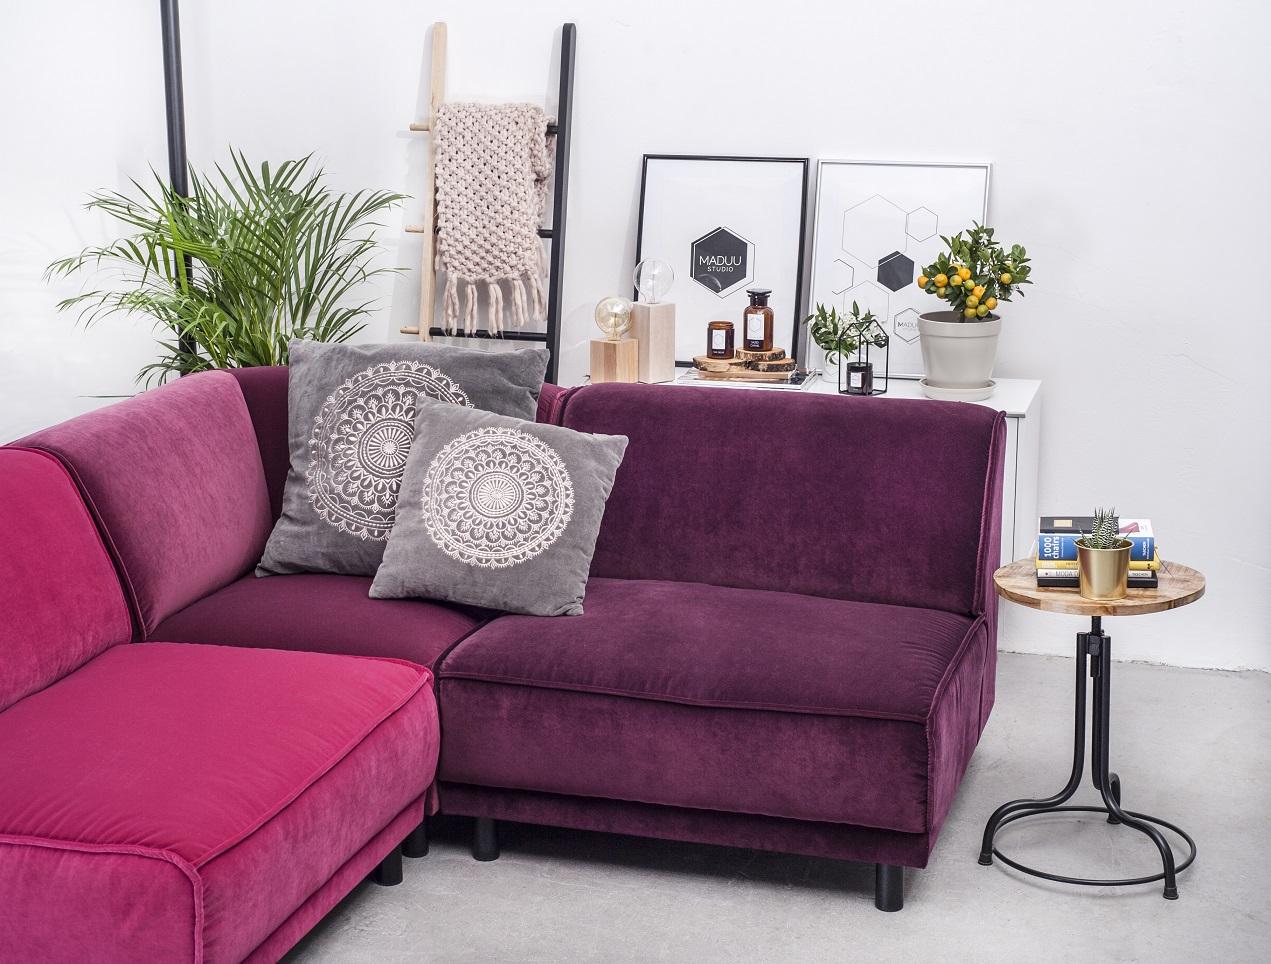 designerska sofa modulowa marvel maduu studio